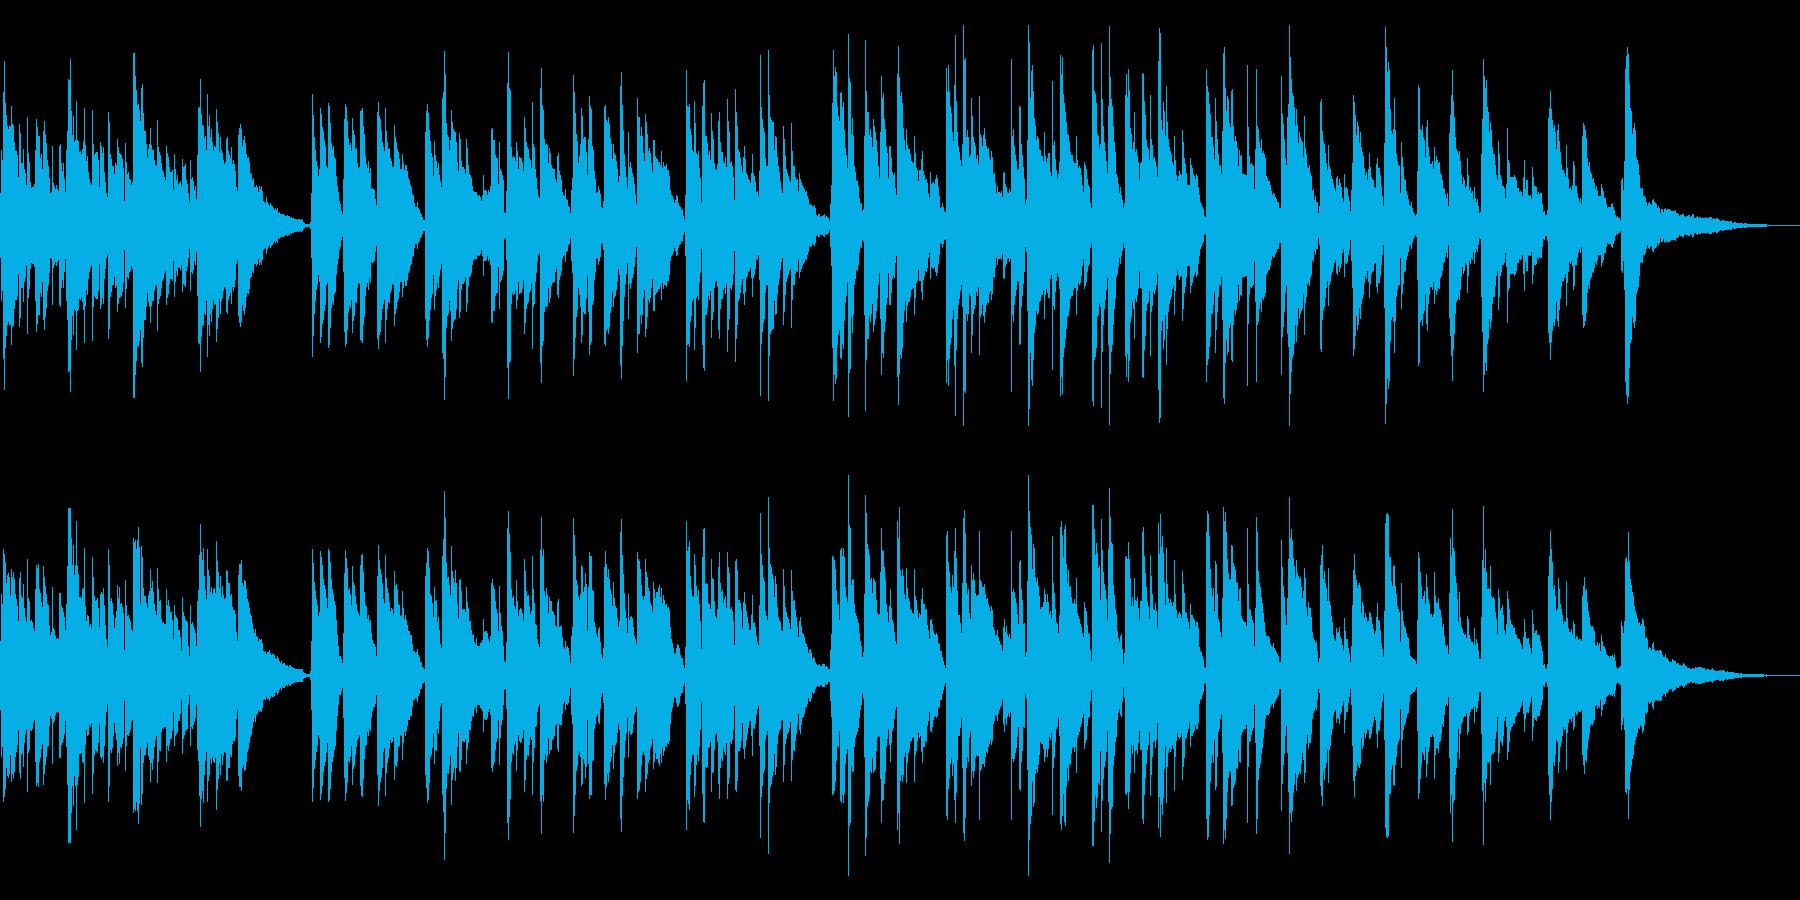 ほのぼのギターによる癒しのバラードの再生済みの波形